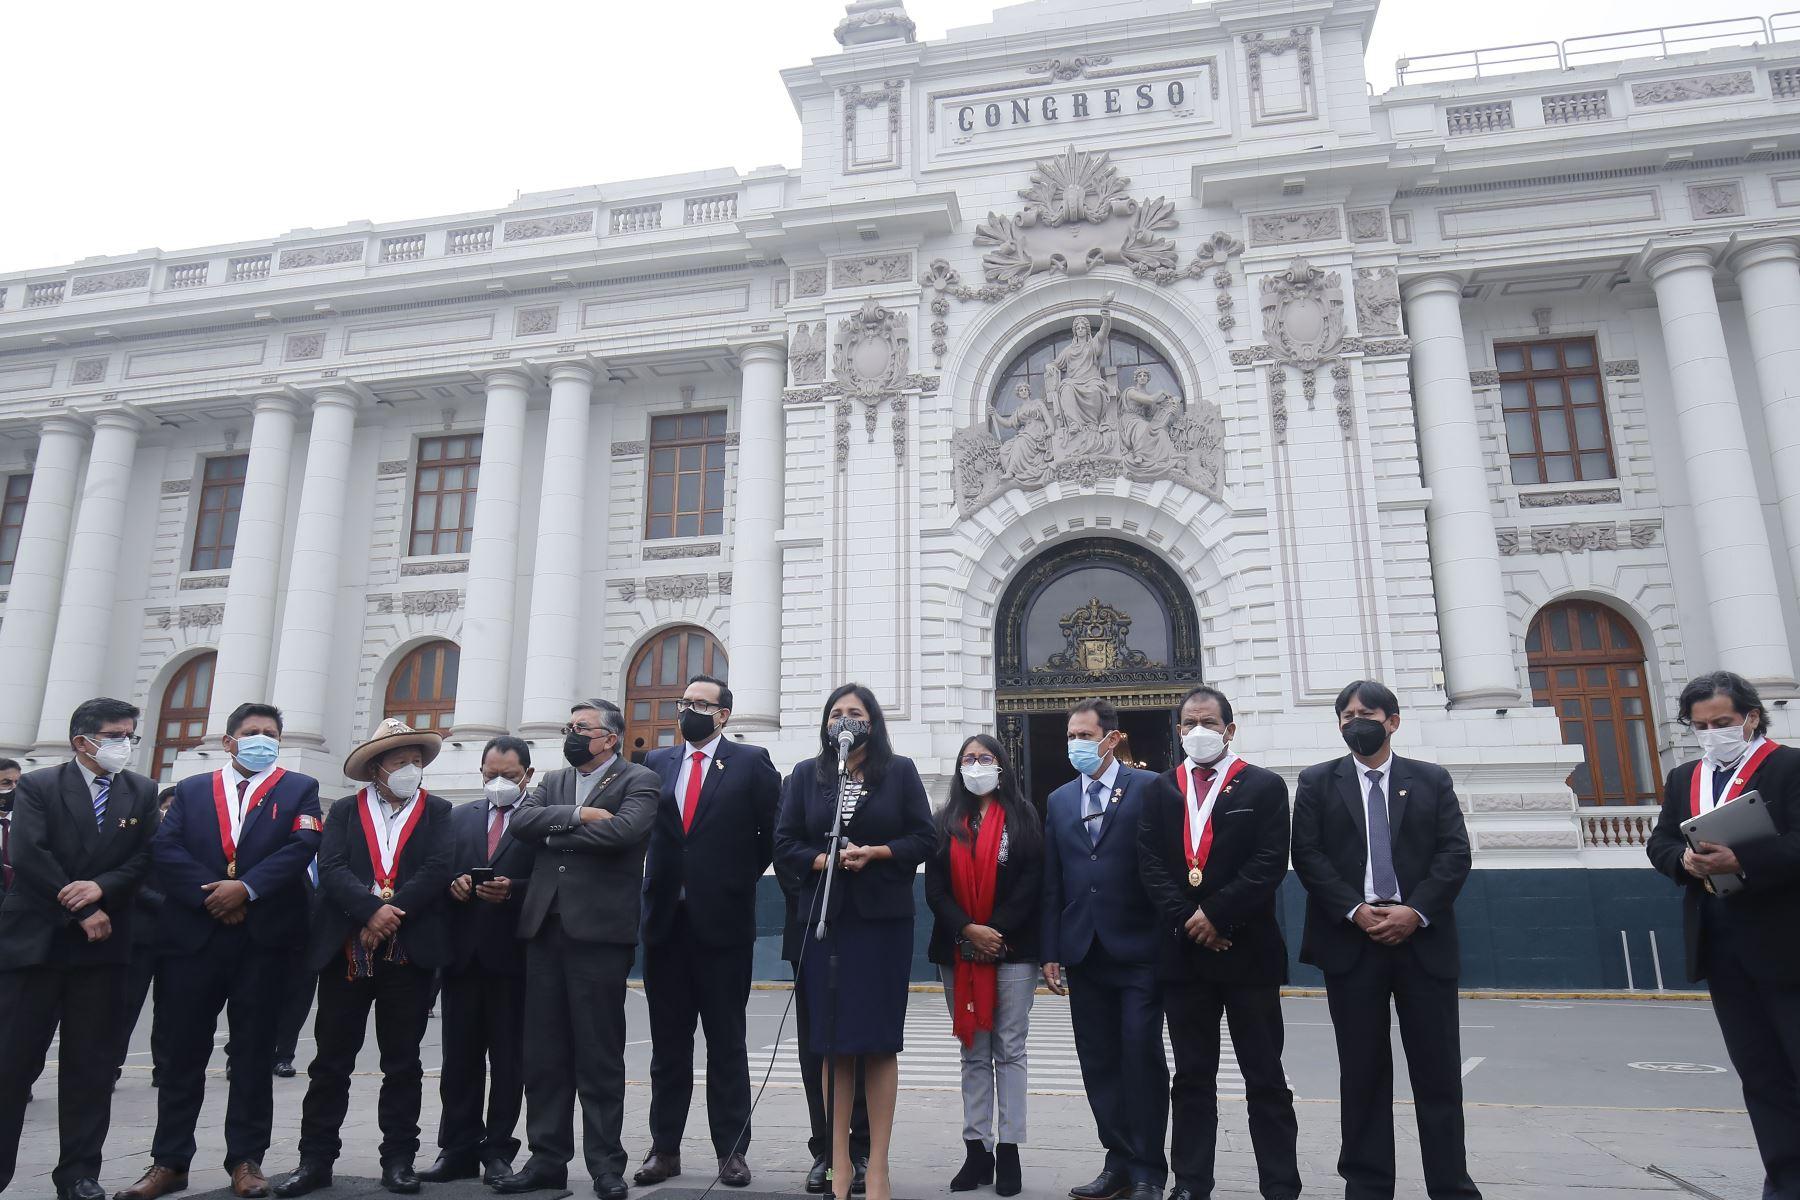 Congresistas de Perú Libre, declaran a la prensa en los exteriores del parlamento. Foto: ANDINA/Juan Carlos Guzmán